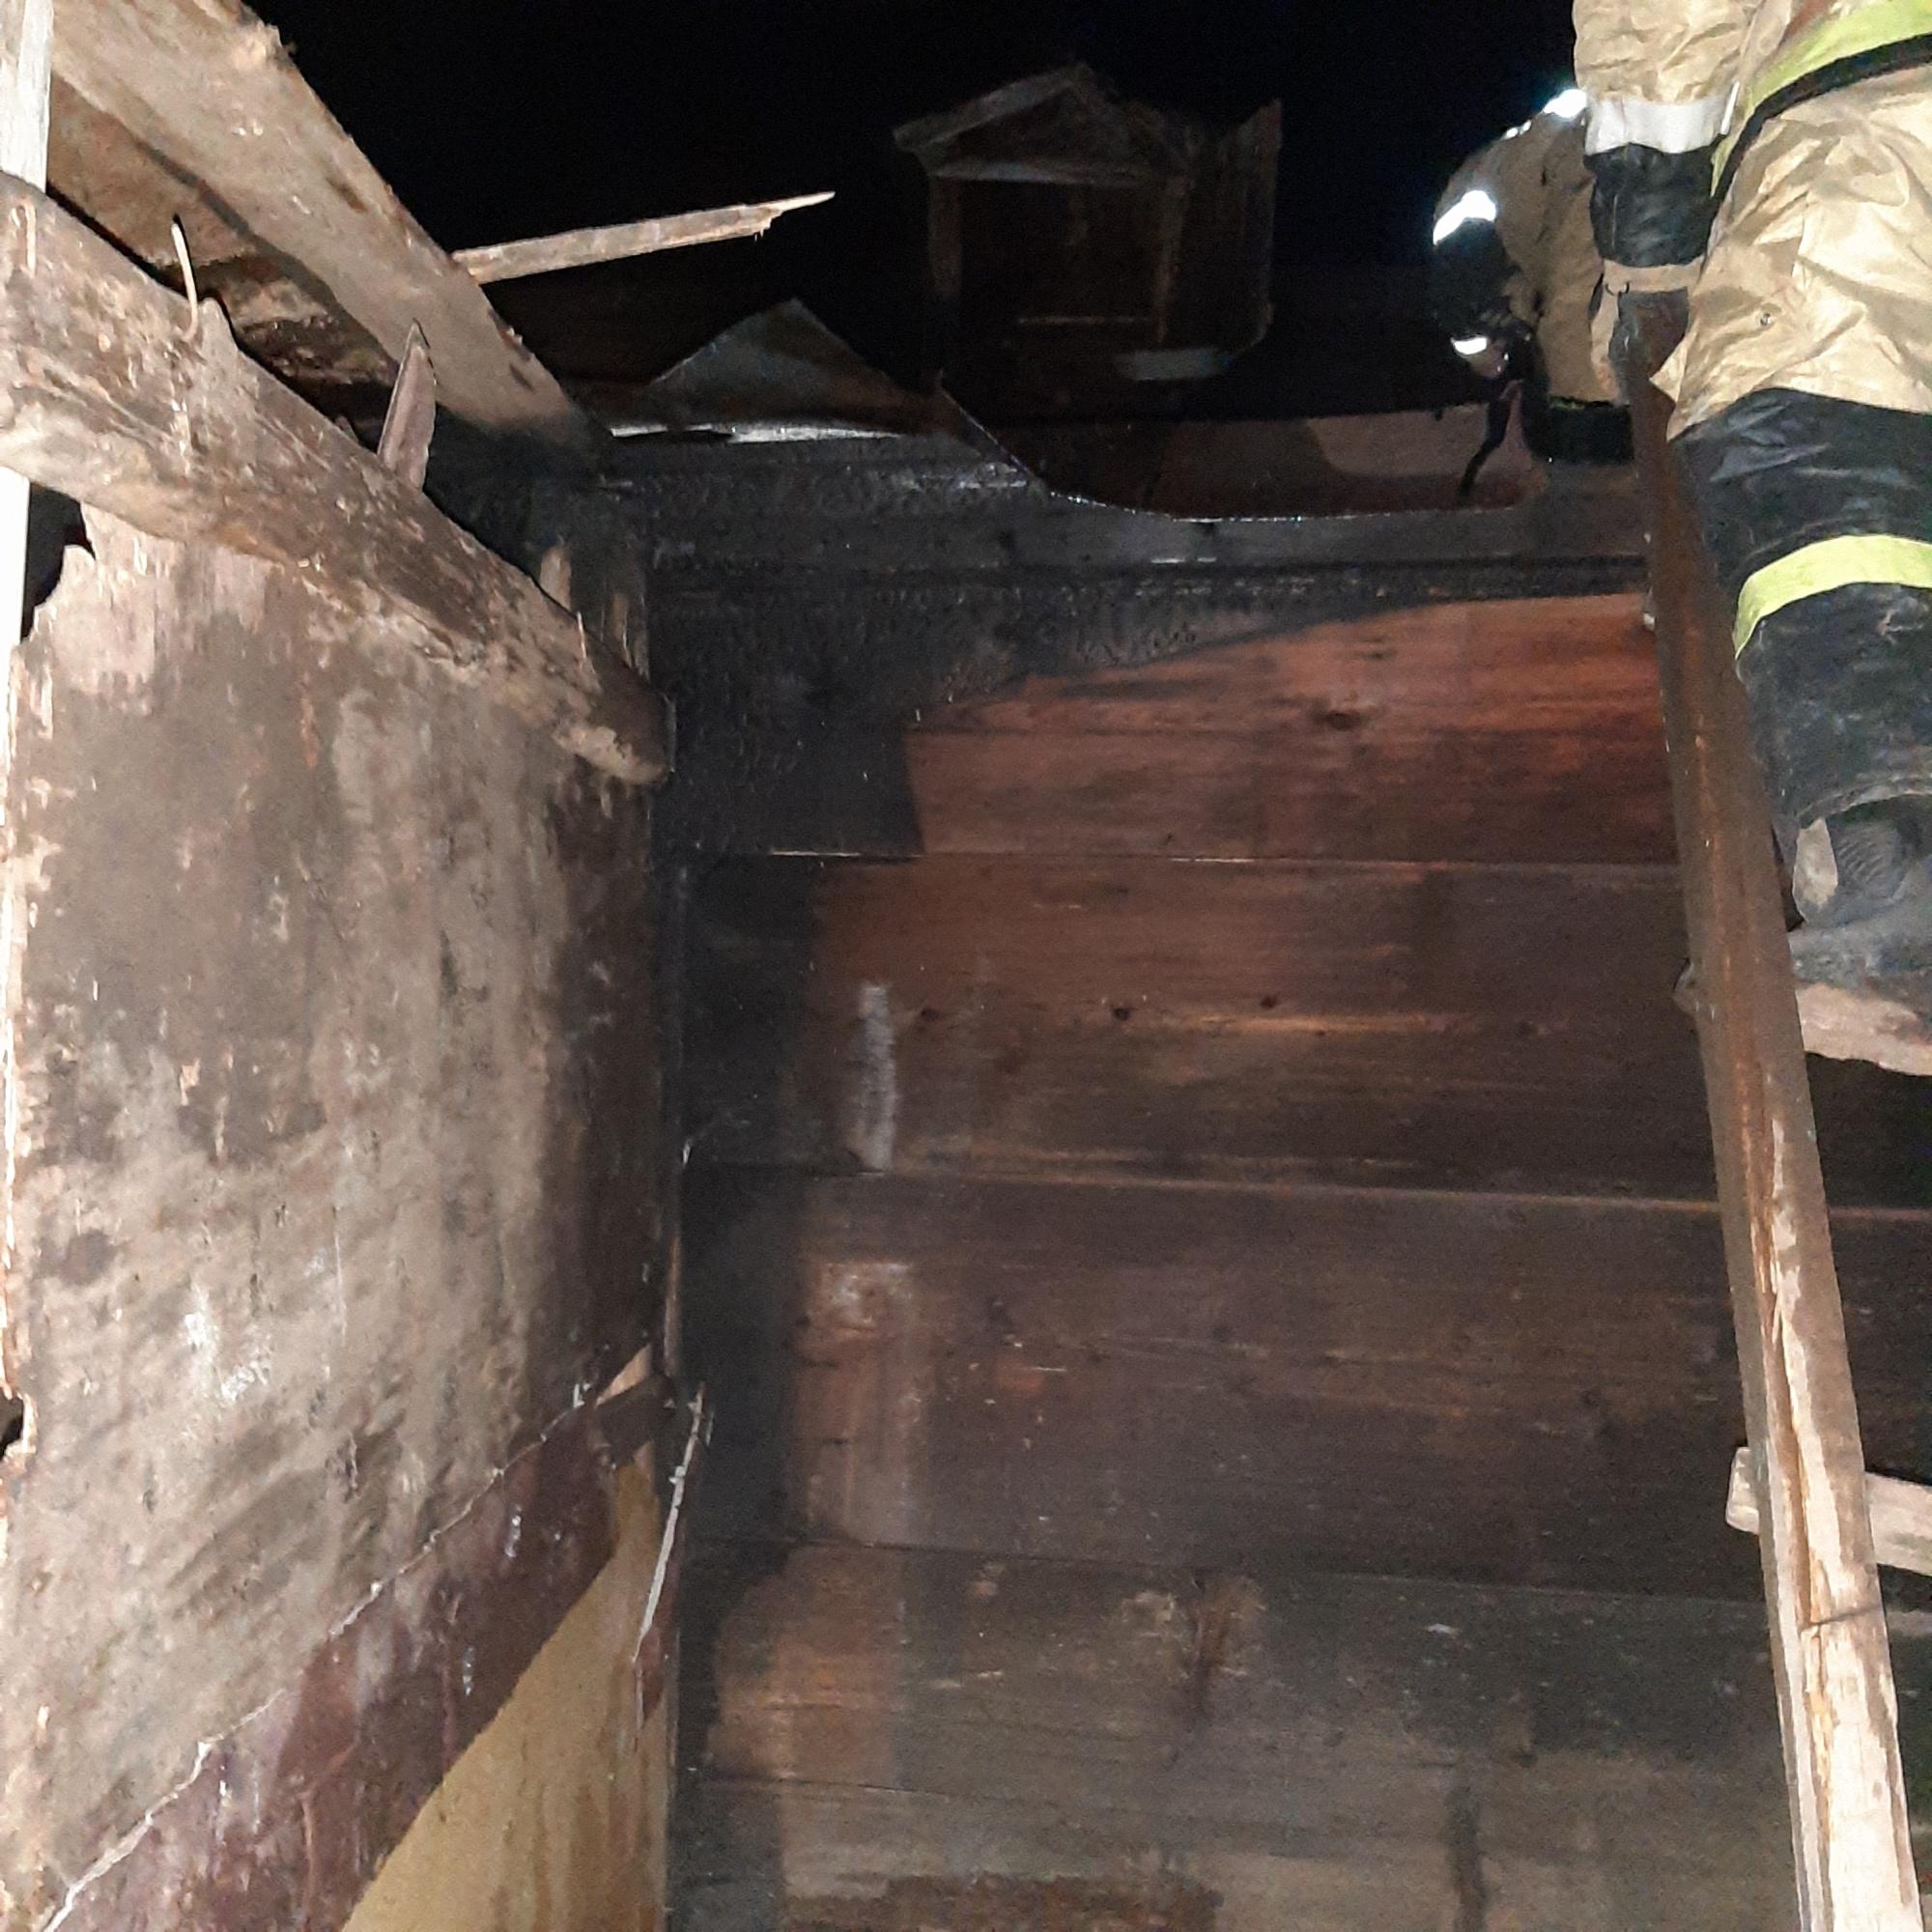 Неосторожное обращение с огнём едва не оборвало жизнь жителей Матвеевского района